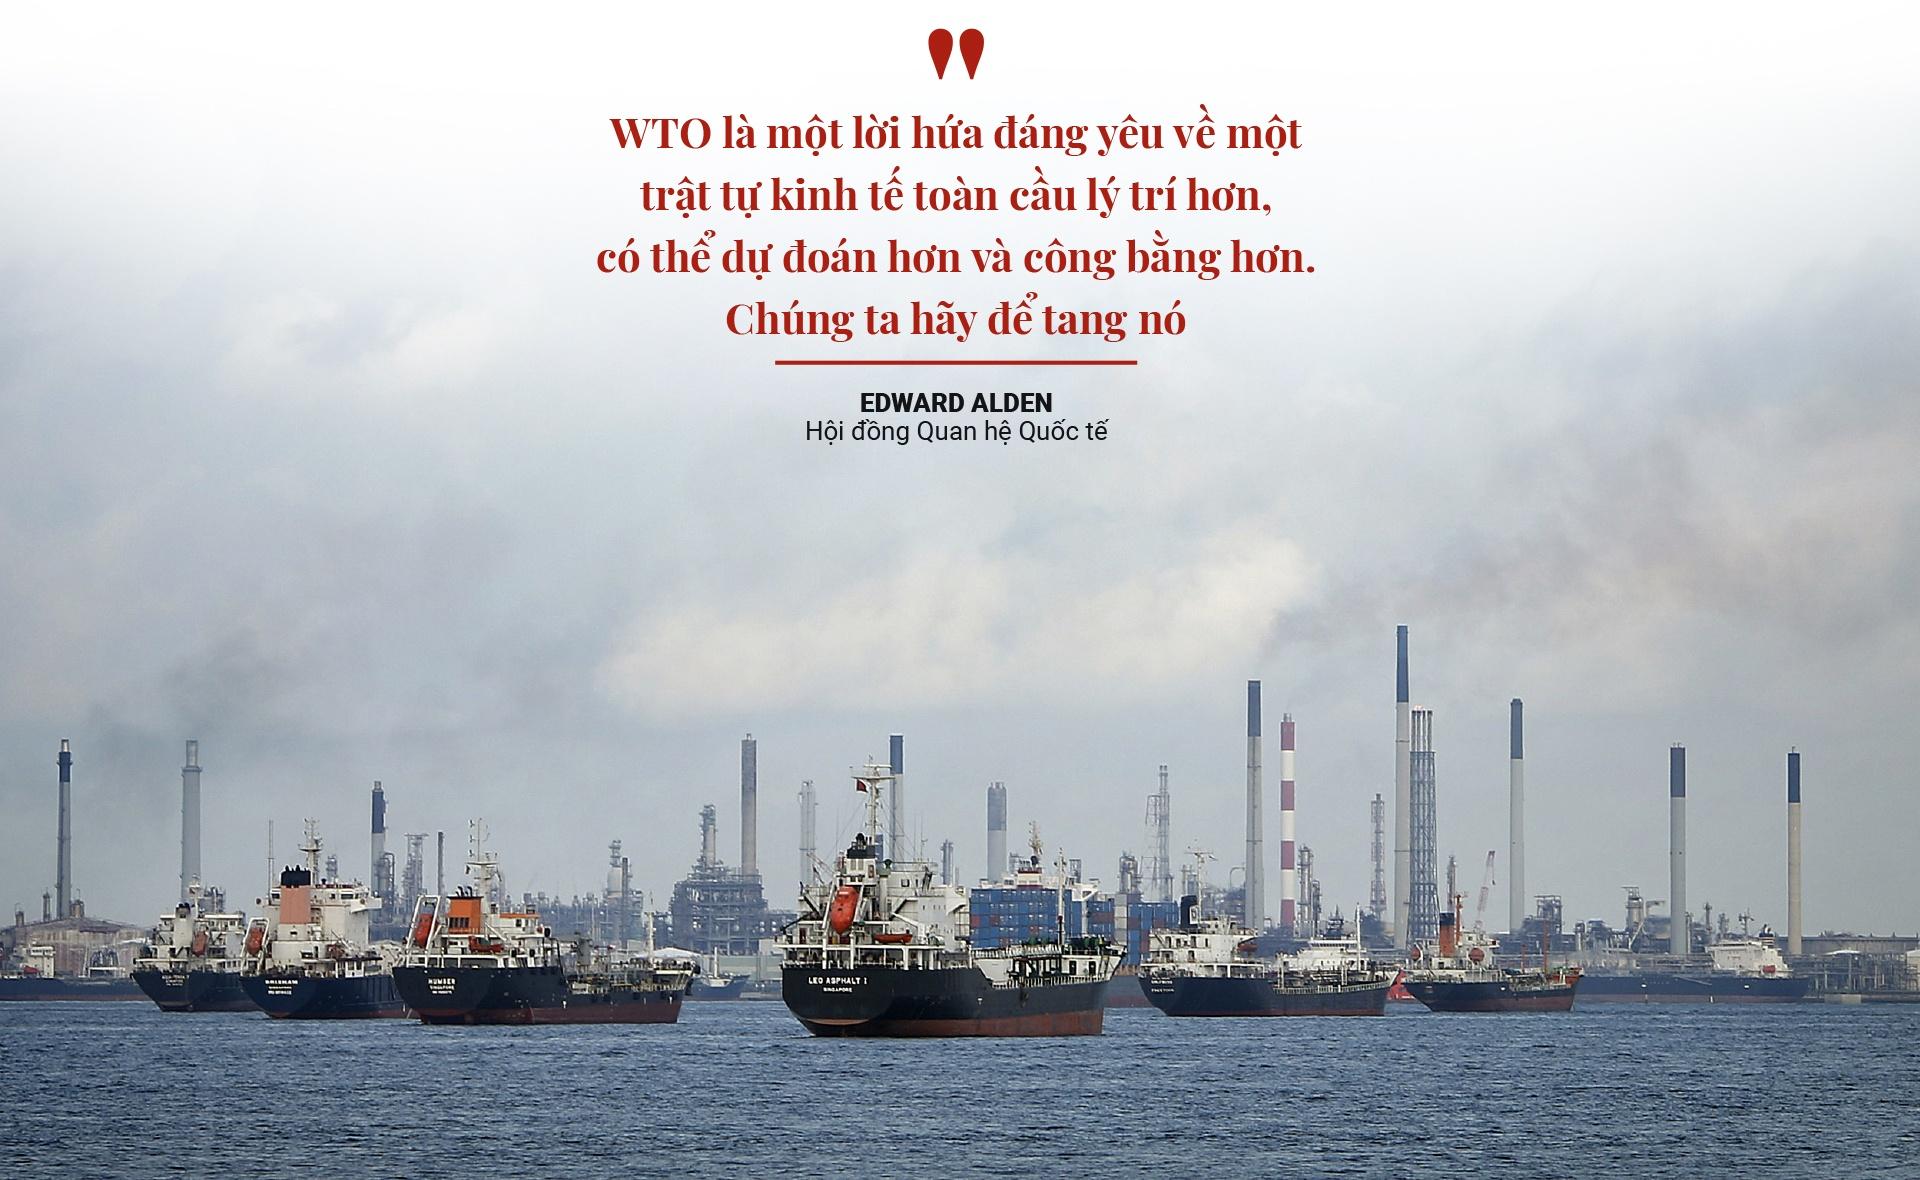 Chien tranh thuong mai va cai chet cua WTO hinh anh 13